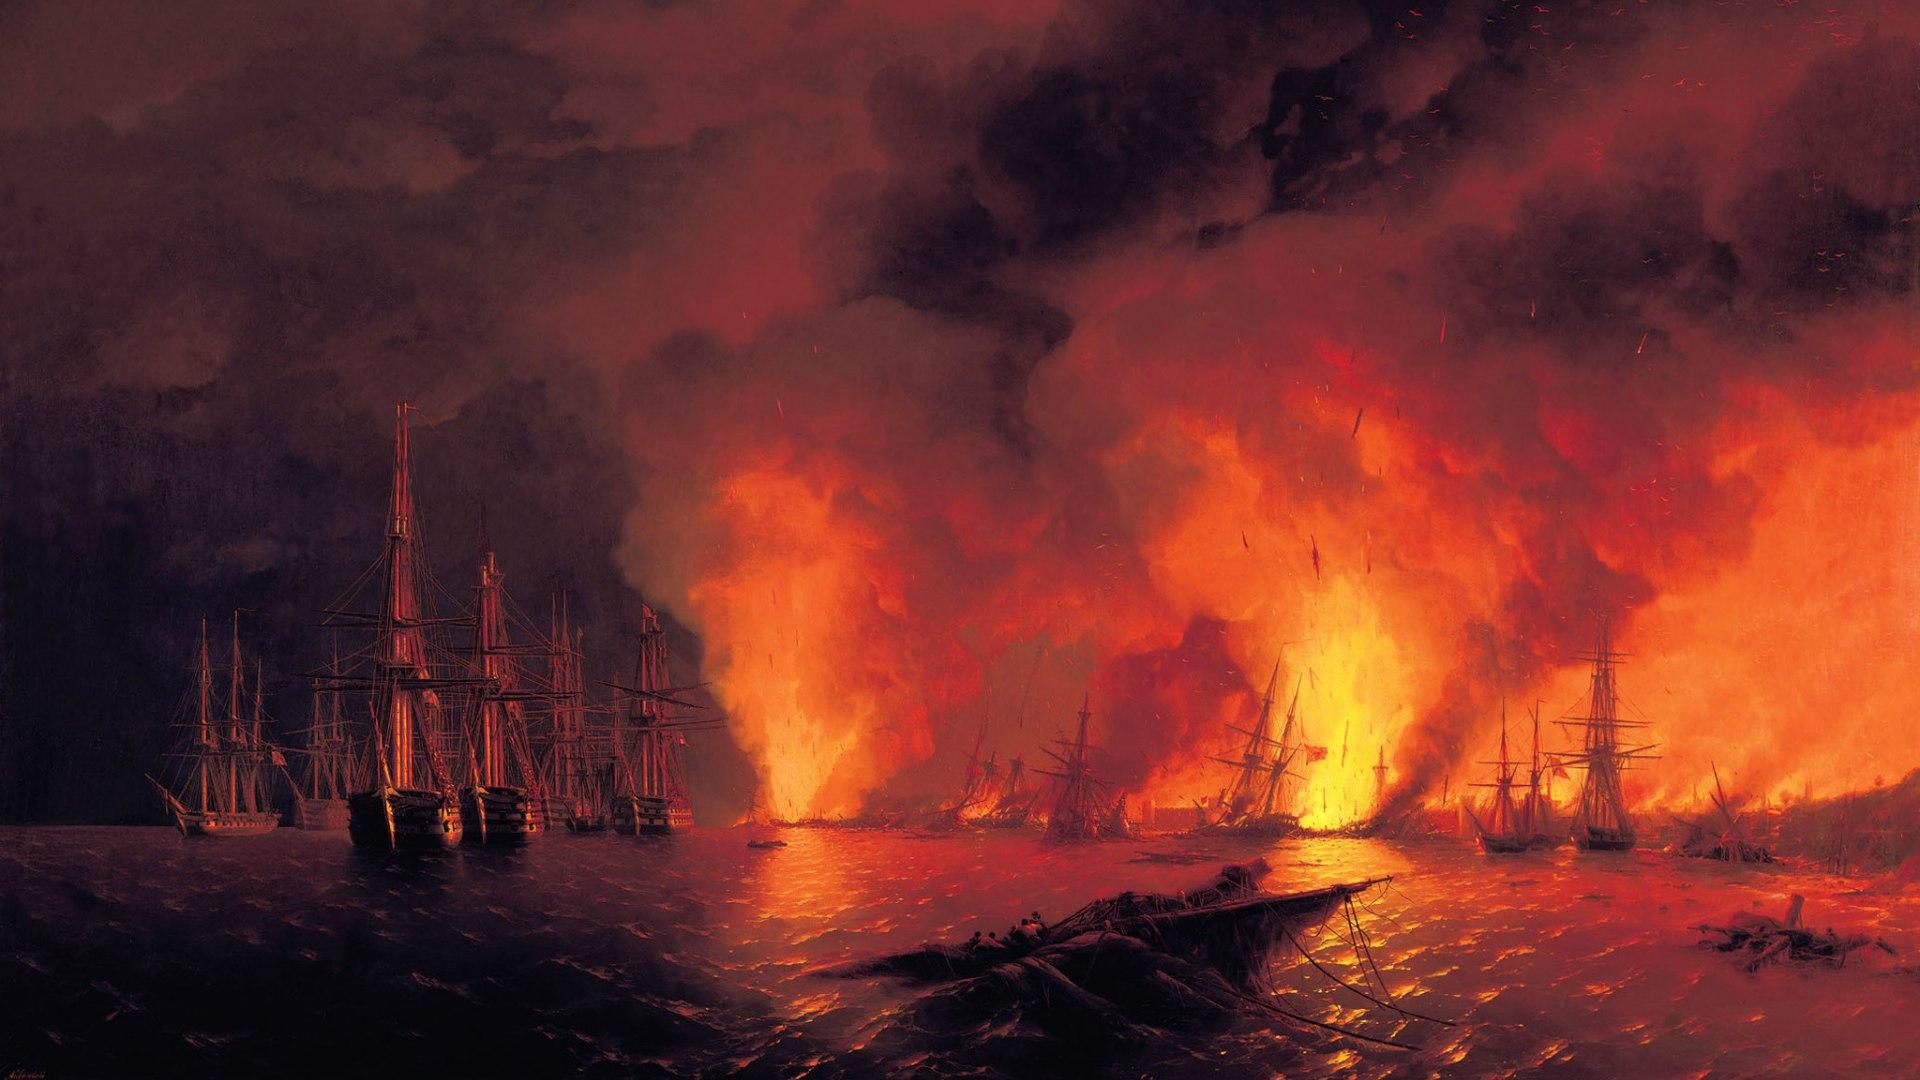 Zastaki.com - Картина Айвазовского Синоп. Ночь позднее боя 08 ноября 0853 года